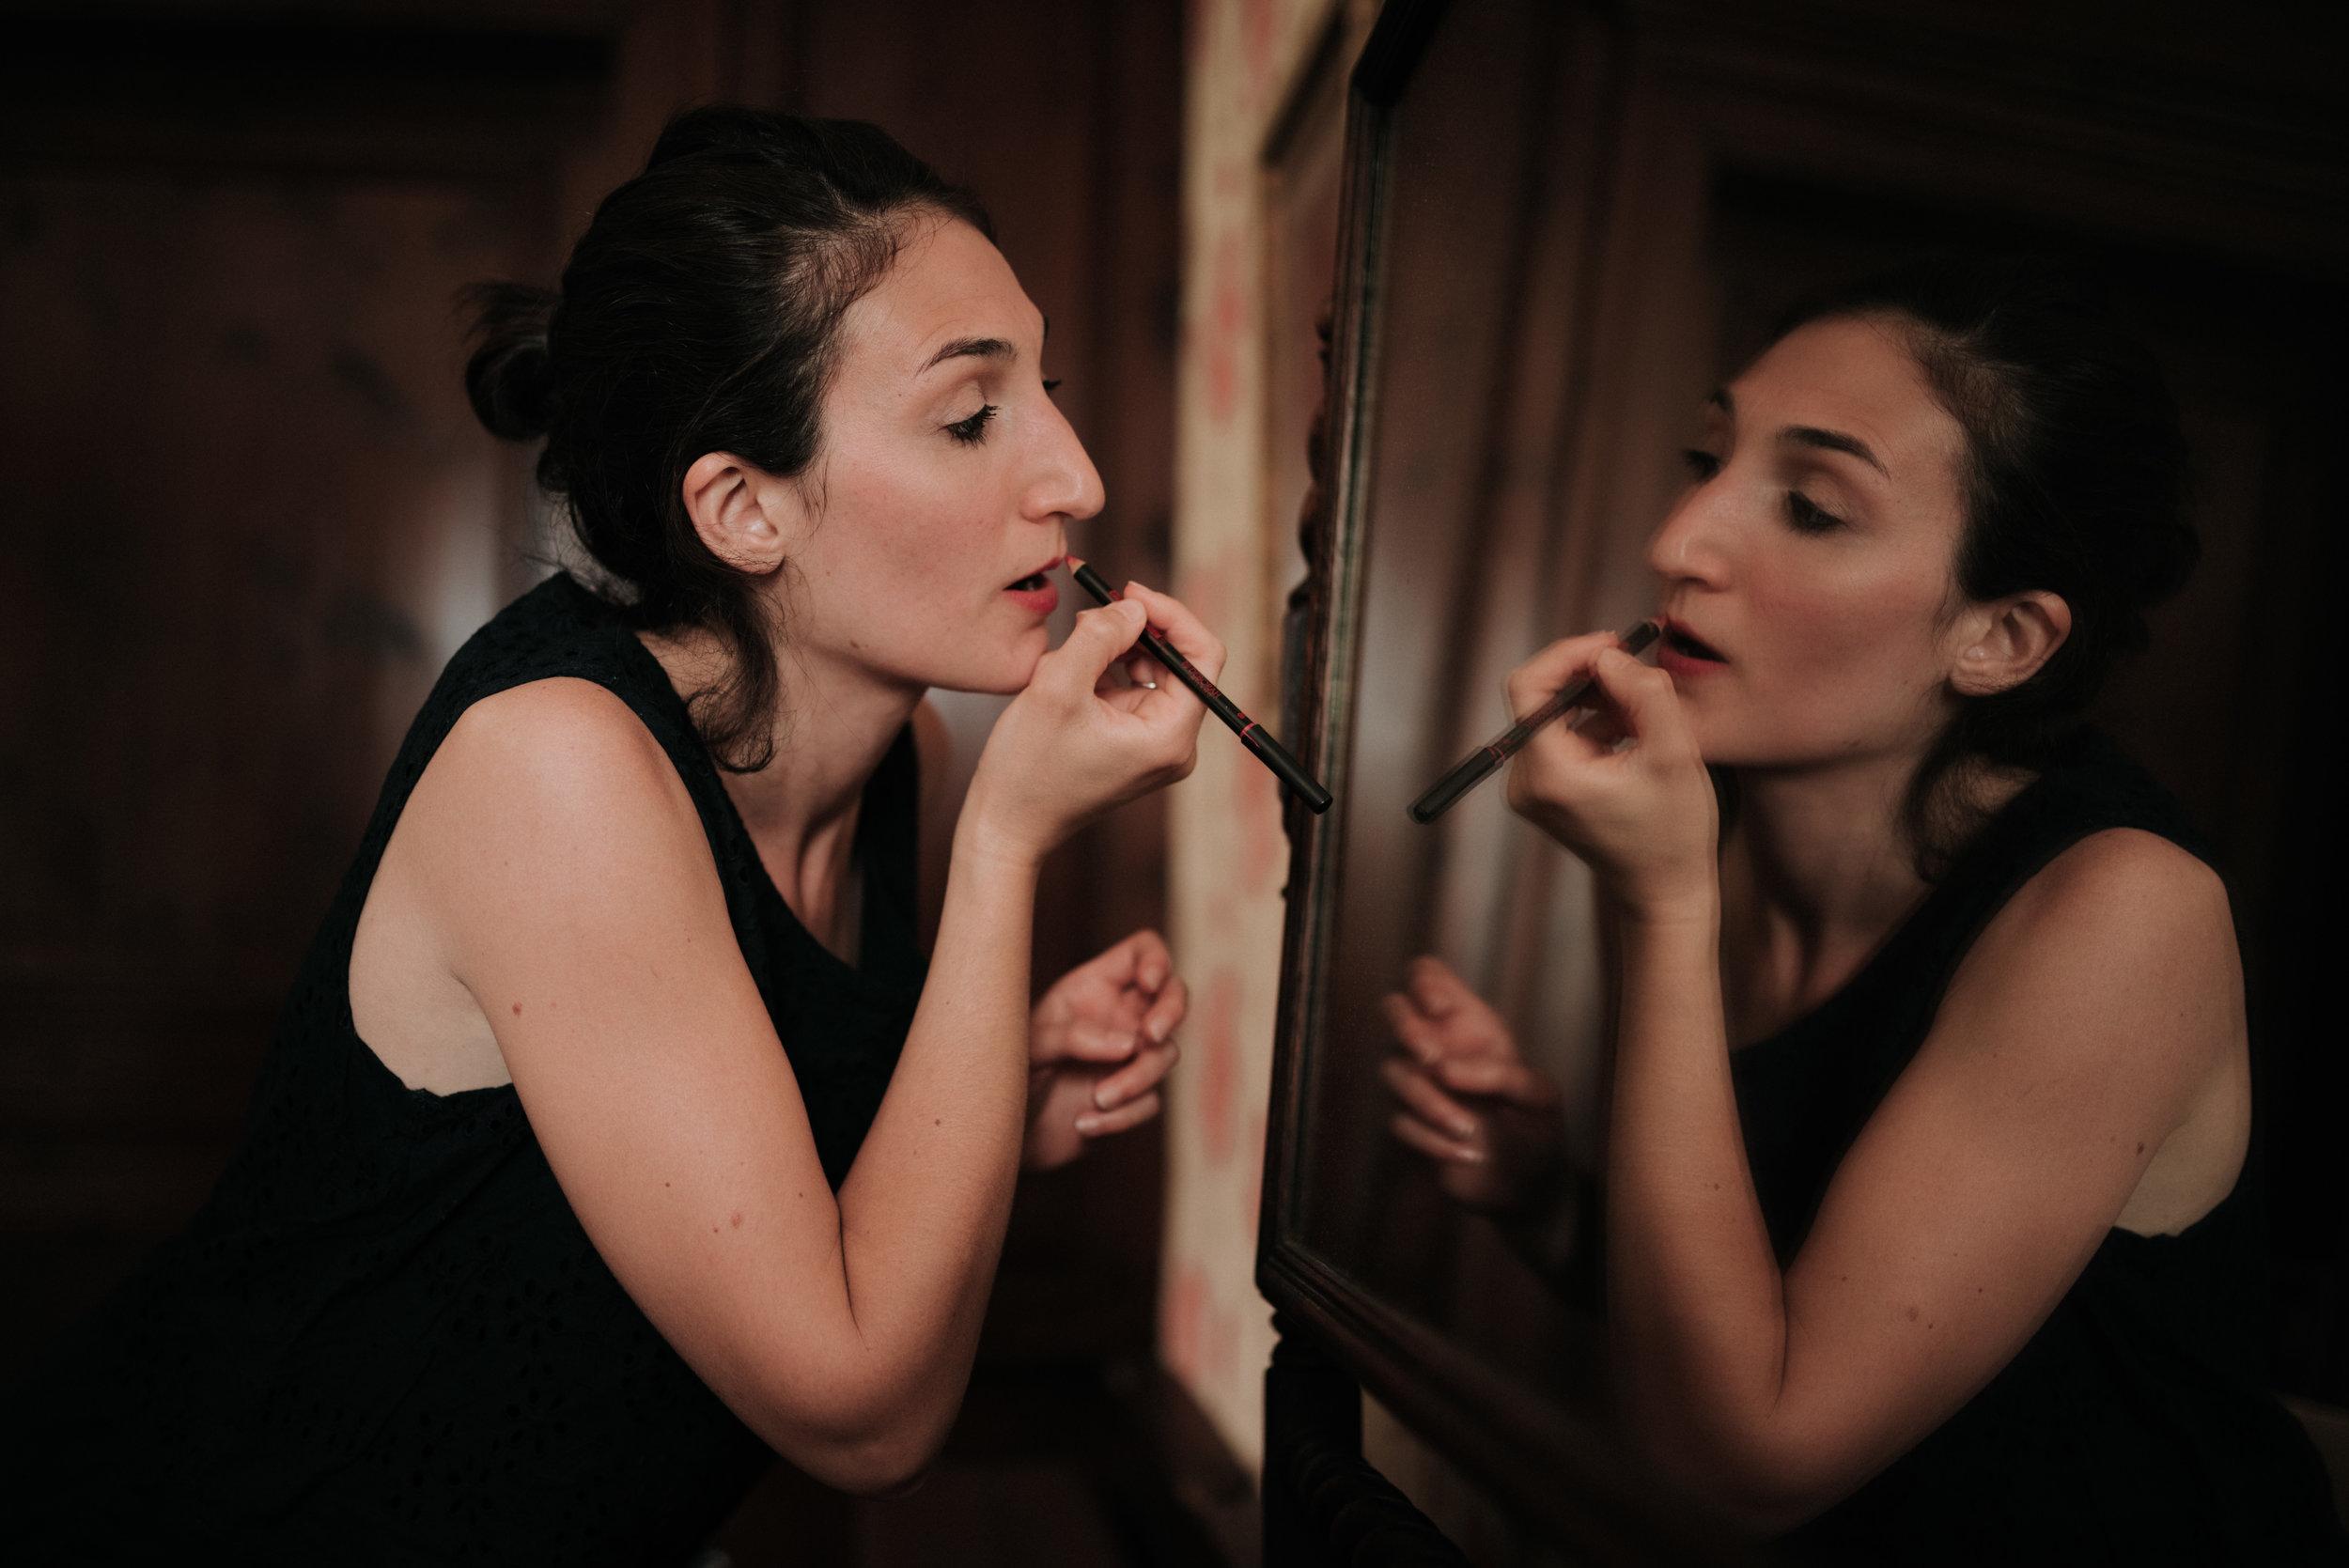 Léa-Fery-photographe-professionnel-lyon-rhone-alpes-portrait-creation-mariage-evenement-evenementiel-famille-2-37 (2).jpg